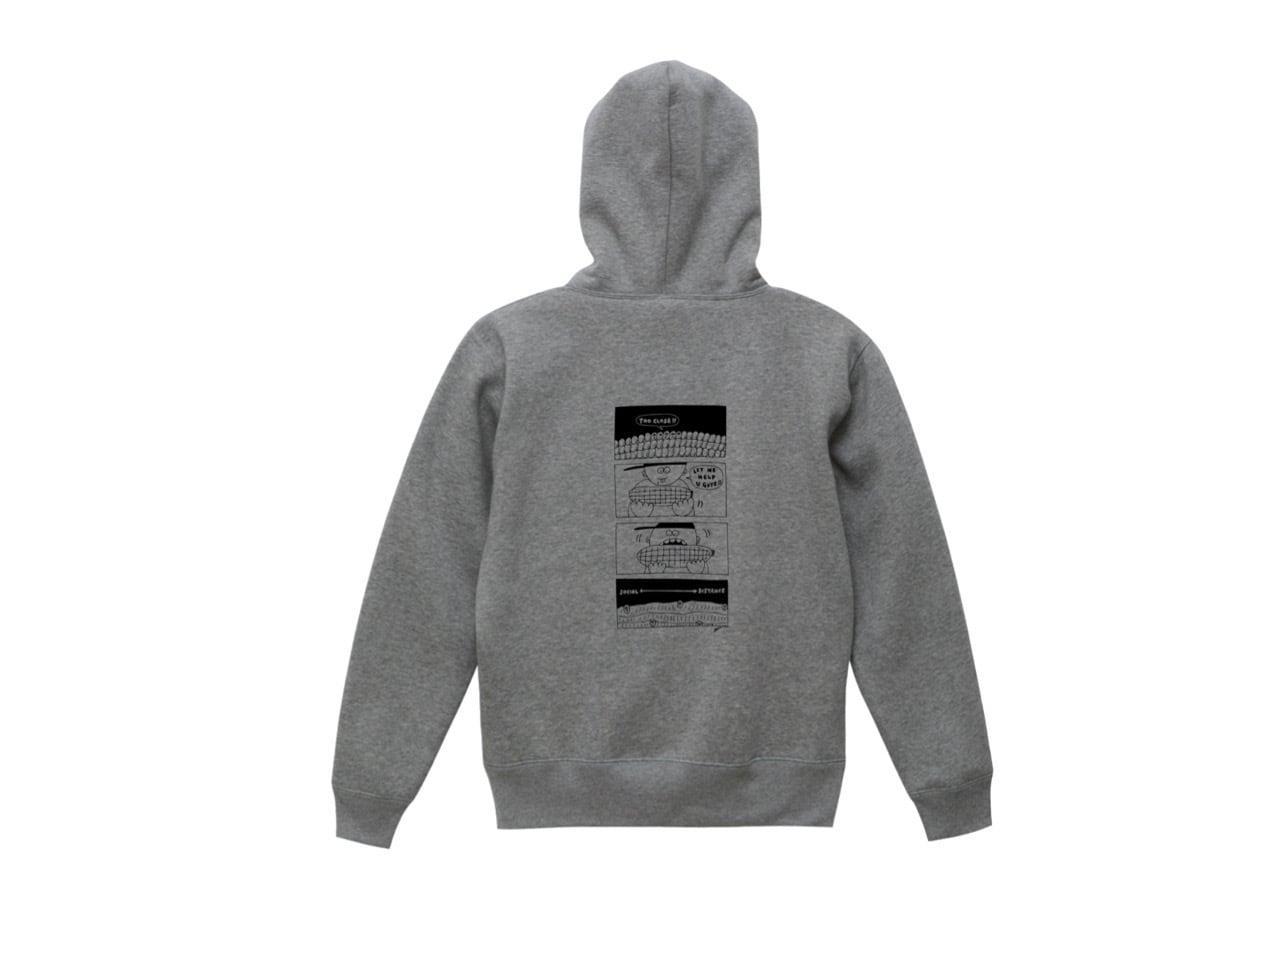 SHI × coguchi Corn SD hoodie (GRY/BLK)